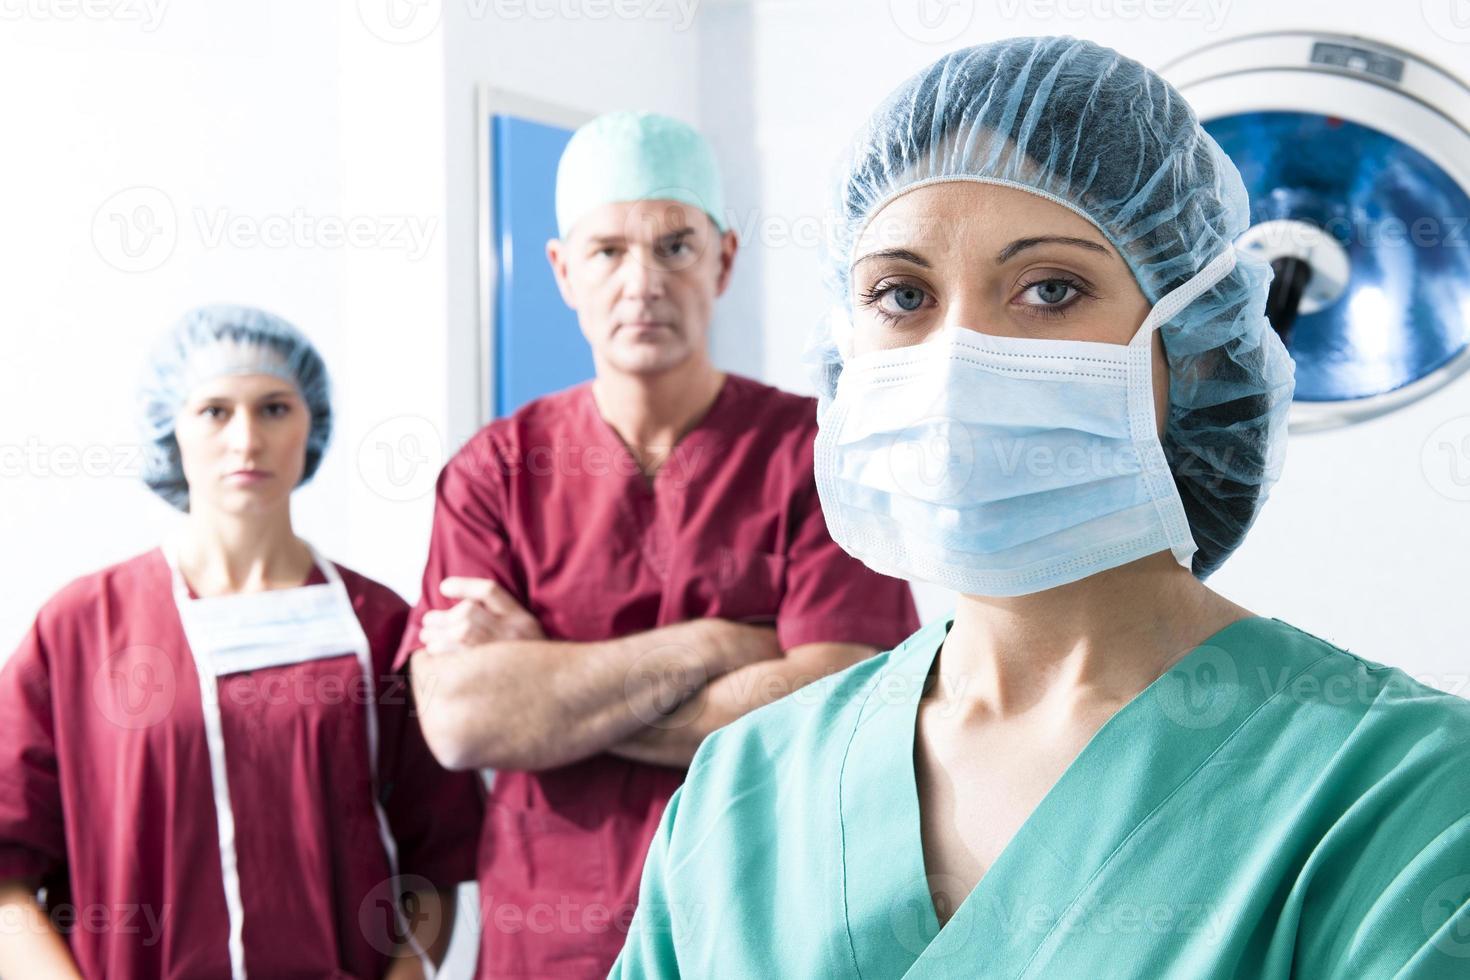 équipe médicale photo